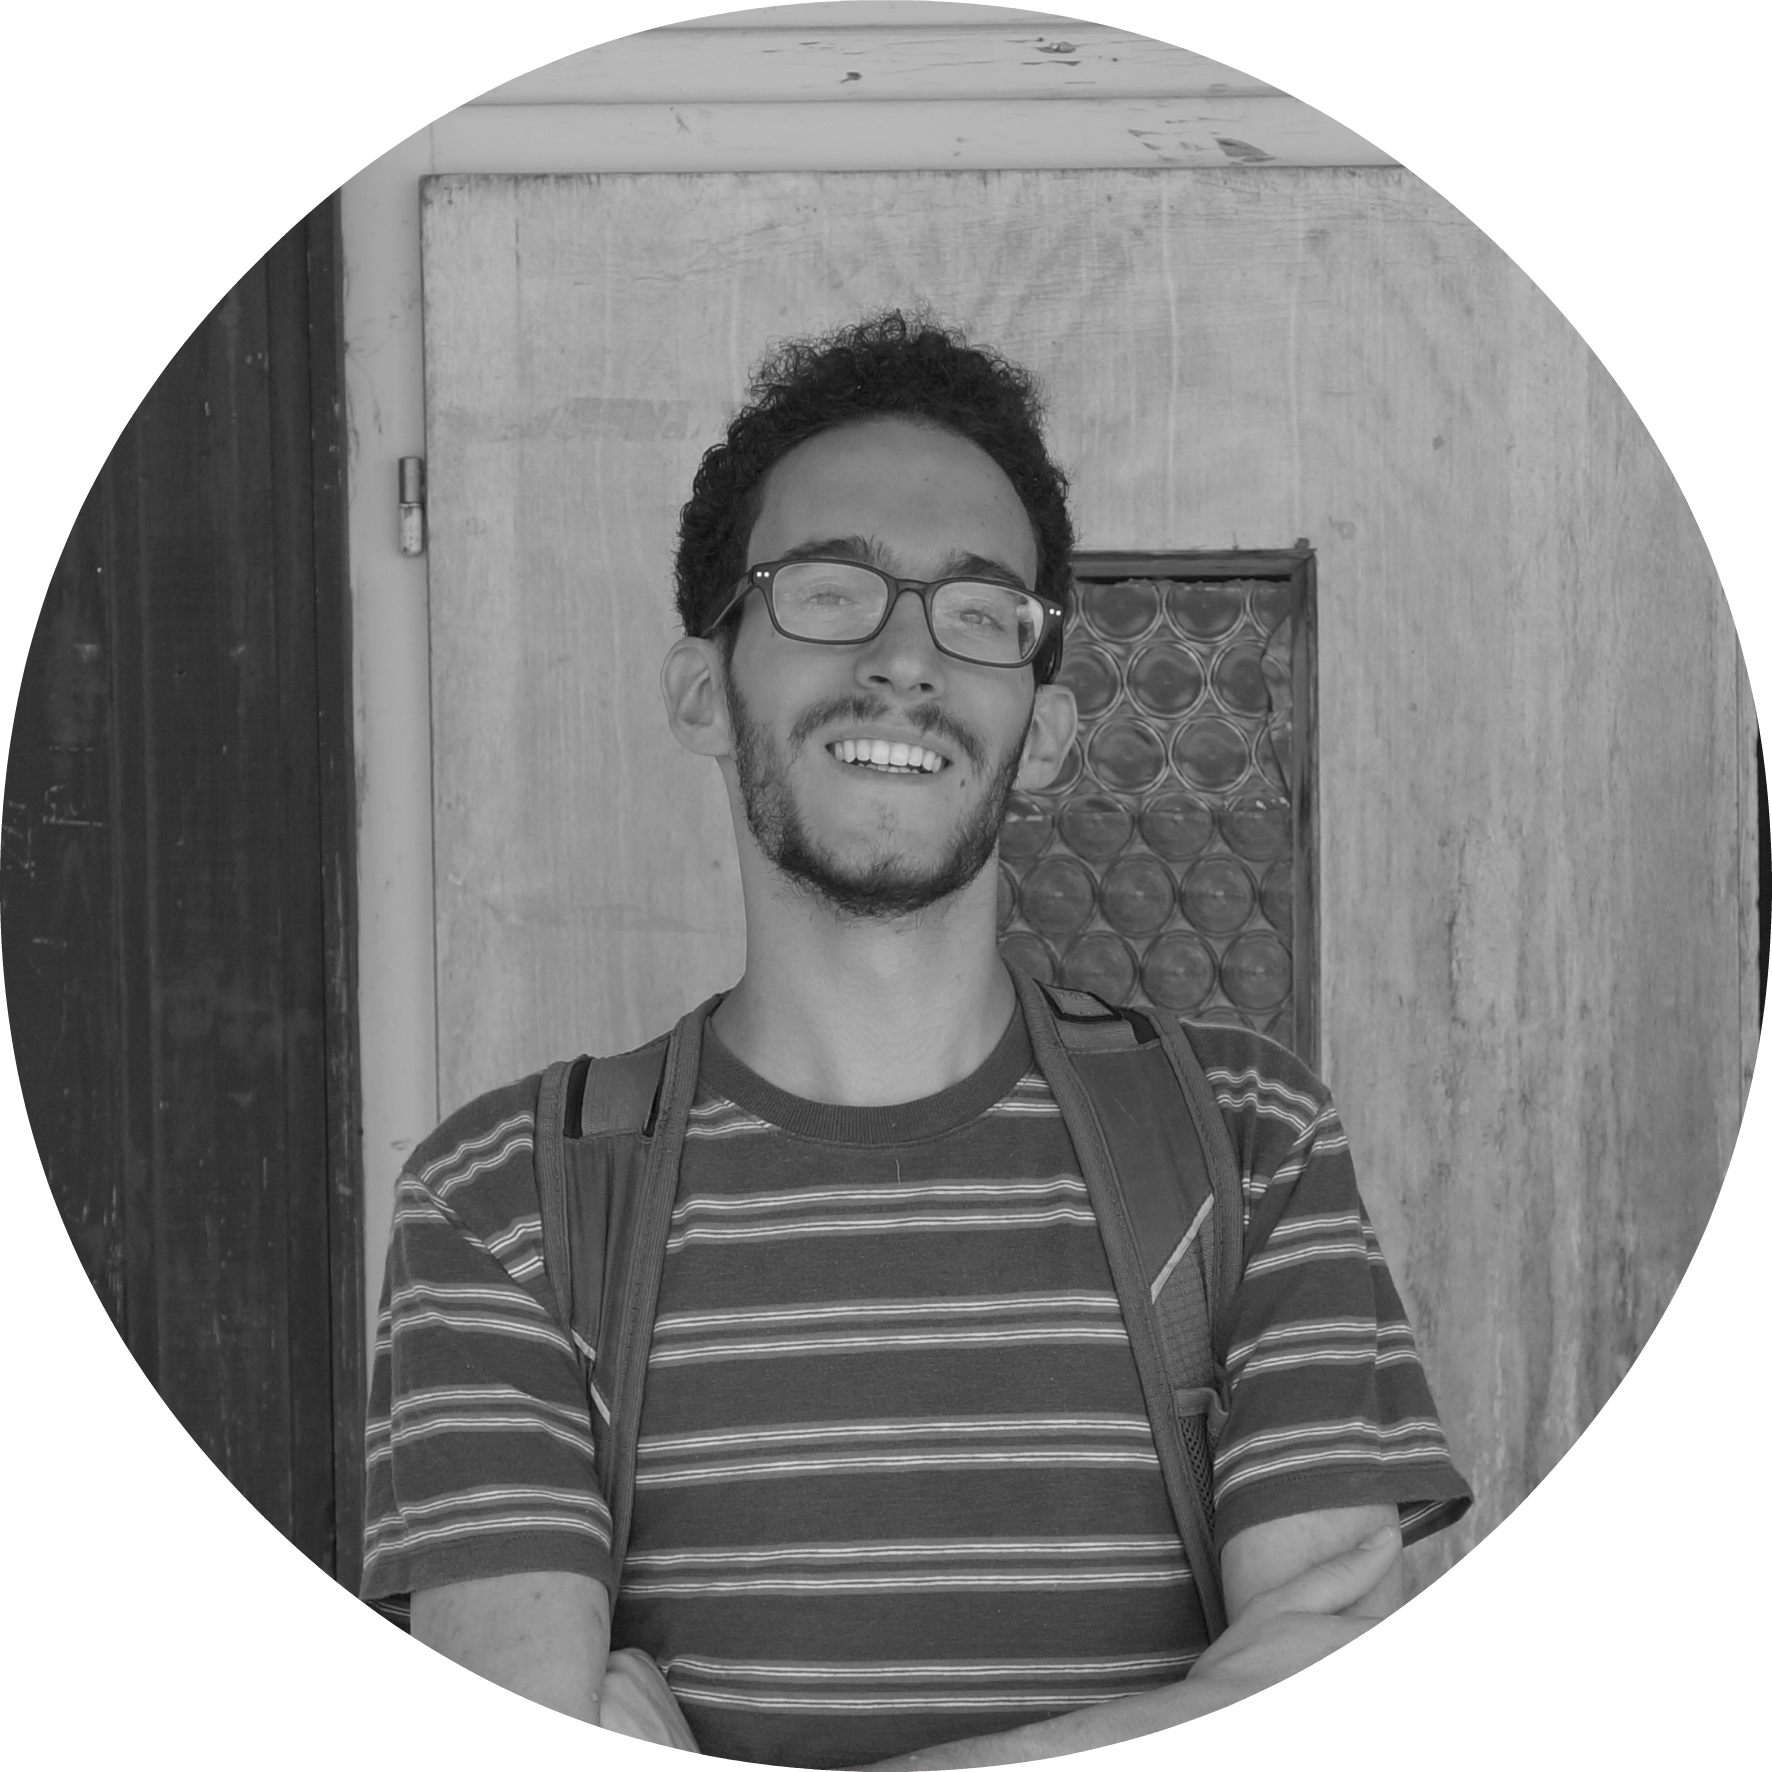 Մաքս Մոլթեր - «Պատմություններ ավերակներից անդին» ծրագրի համահիմնադիր, անգլերեն լեզվի ուսուցիչ-կամավոր